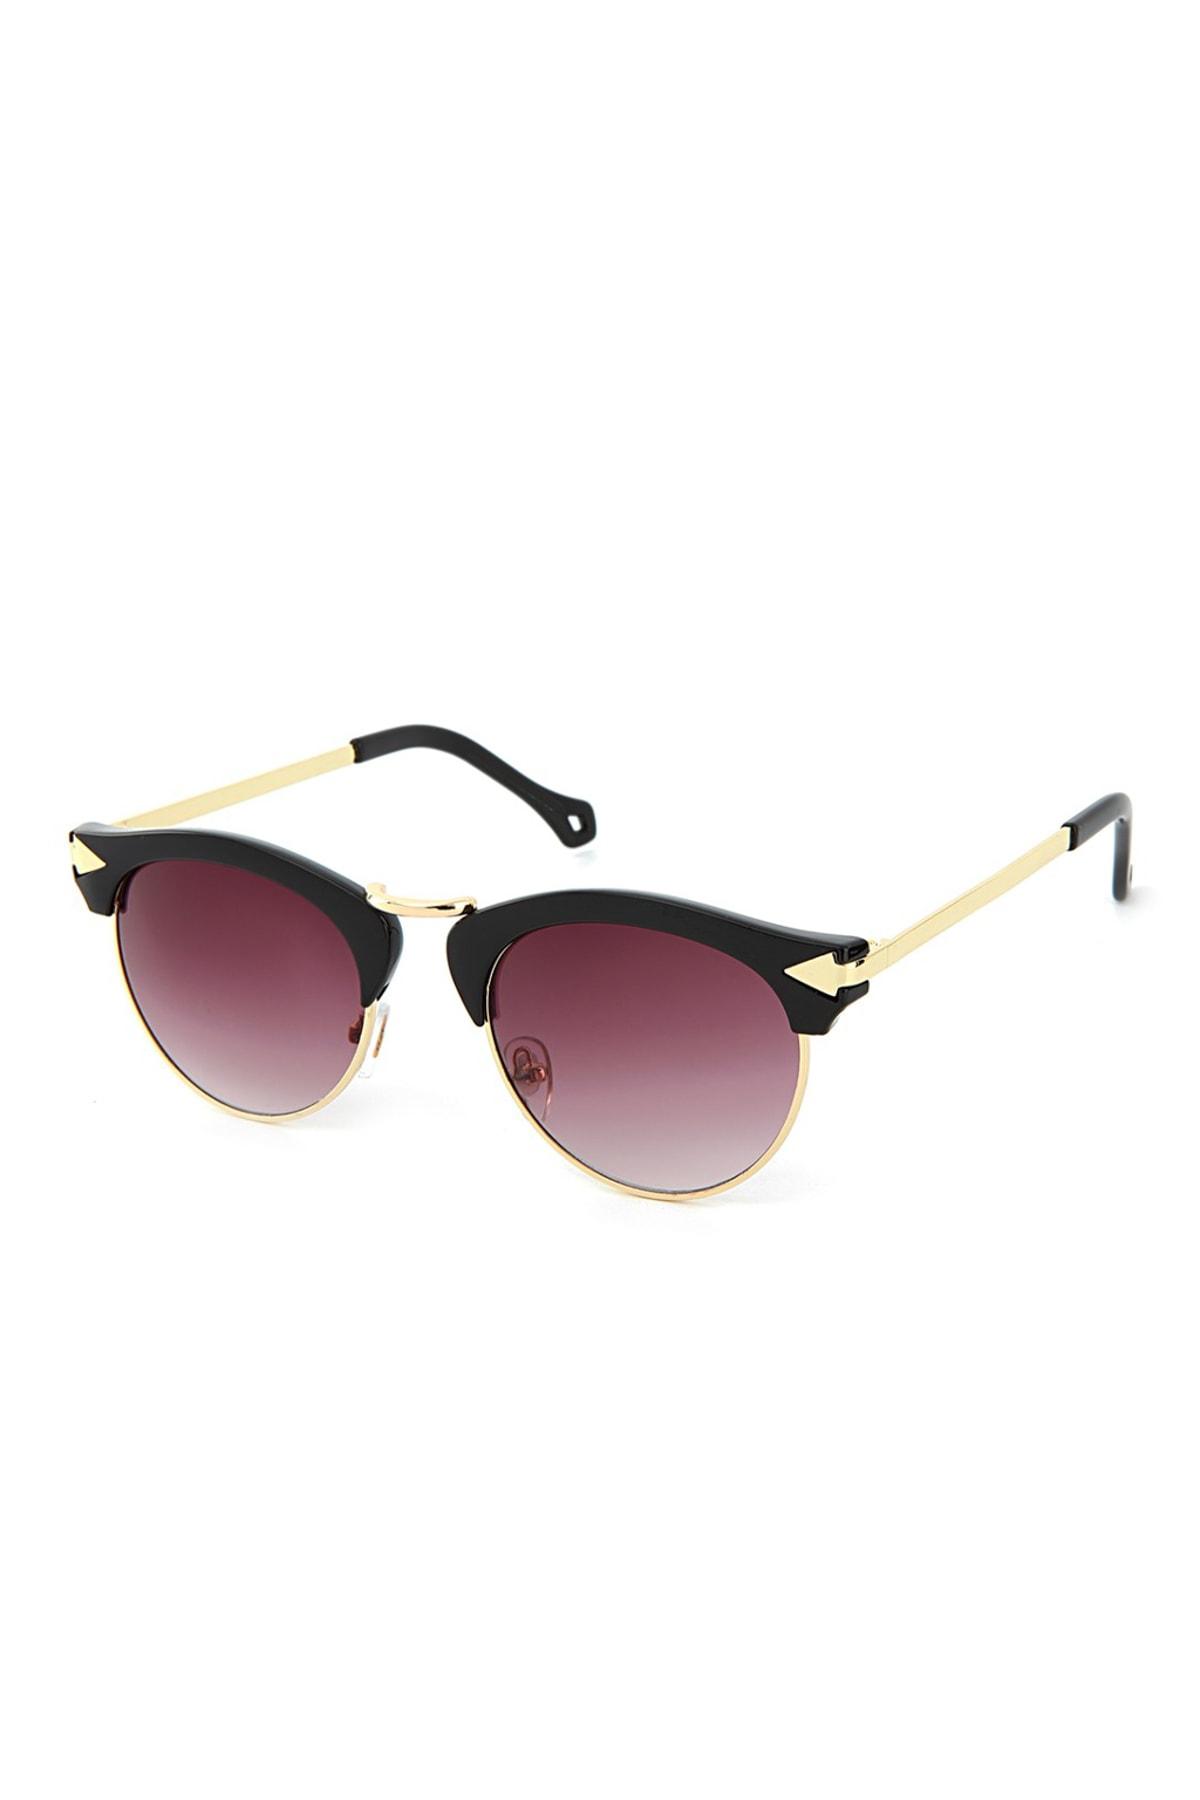 خرید اینترنتی عینک آفتابی زنانه از استانبول برند Luis Polo رنگ مشکی کد ty42016009